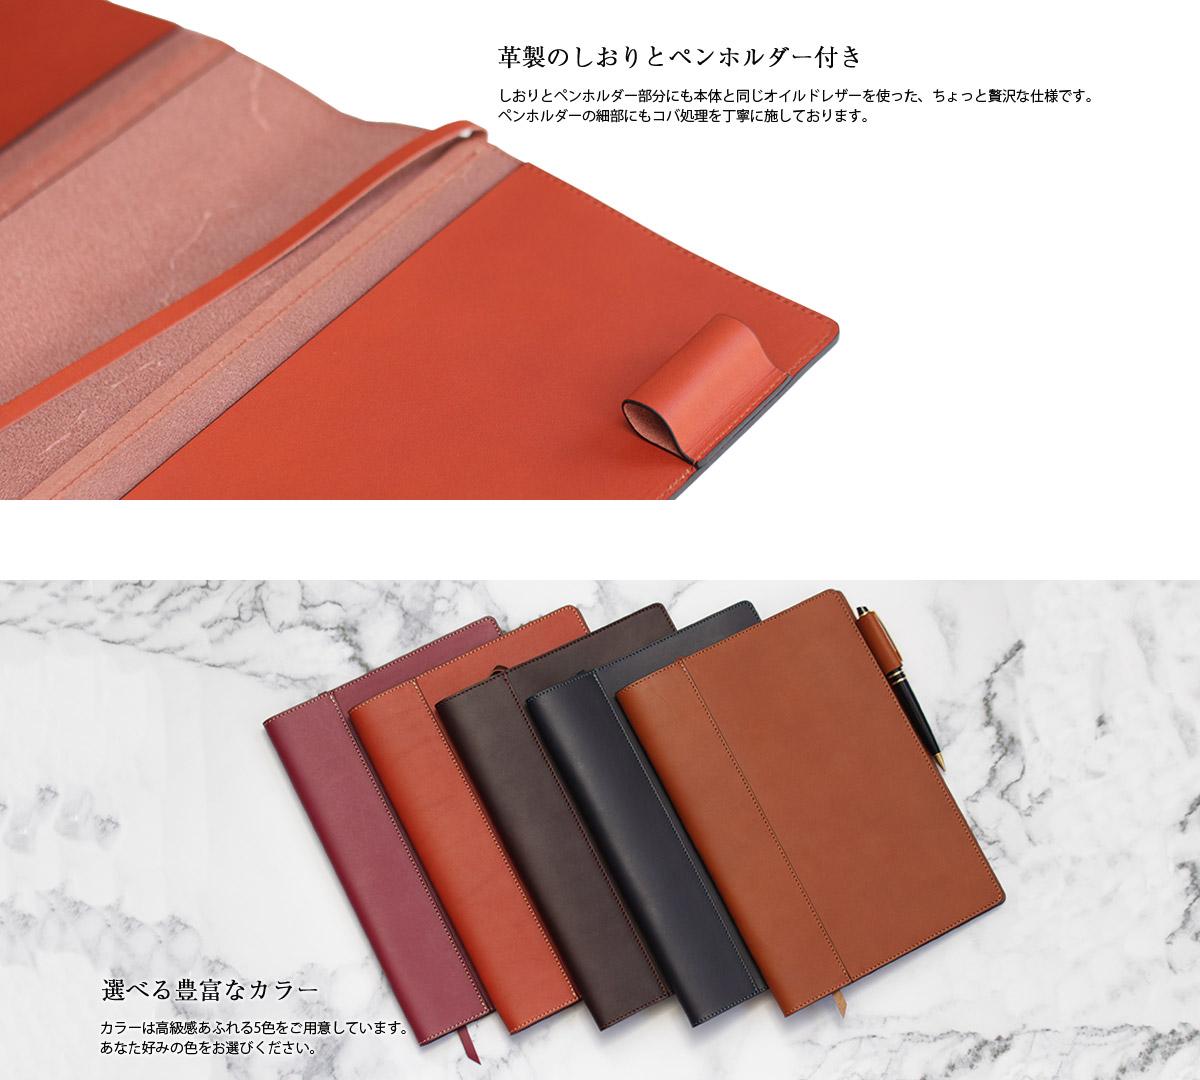 ノートカバー B5サイズ